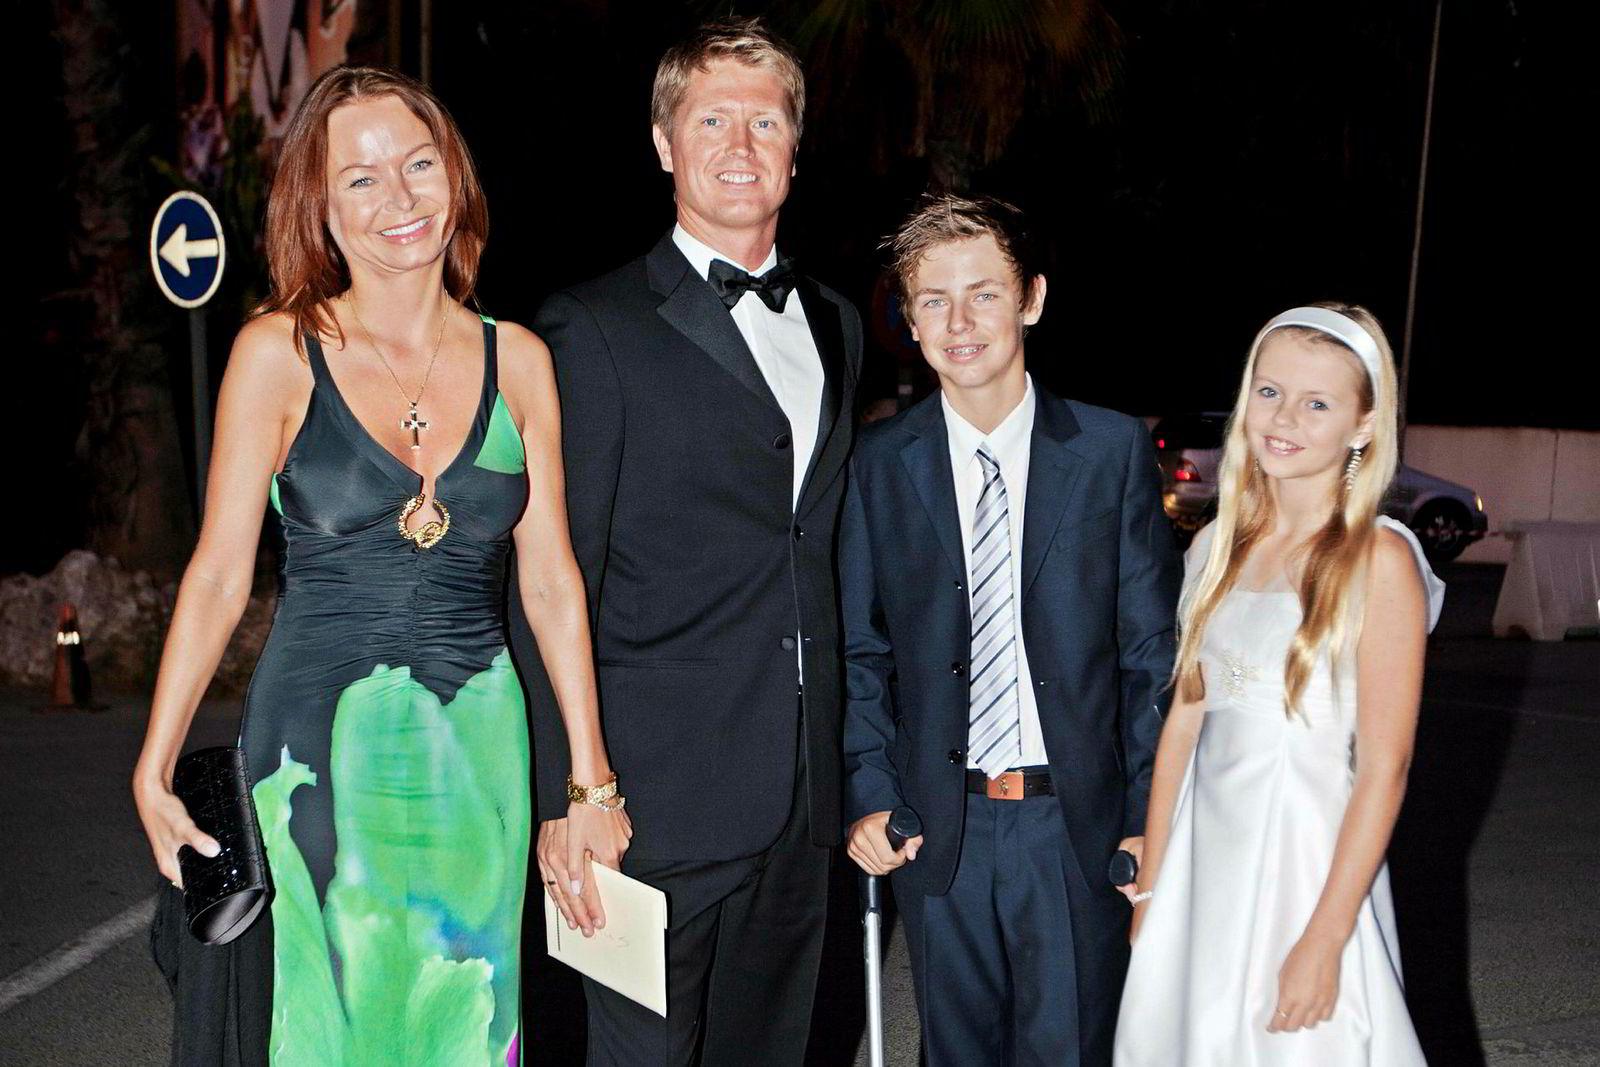 Magnus Reitan og kona Siv Beate sammen med barna Kristoffer og Viktoria i 2011.